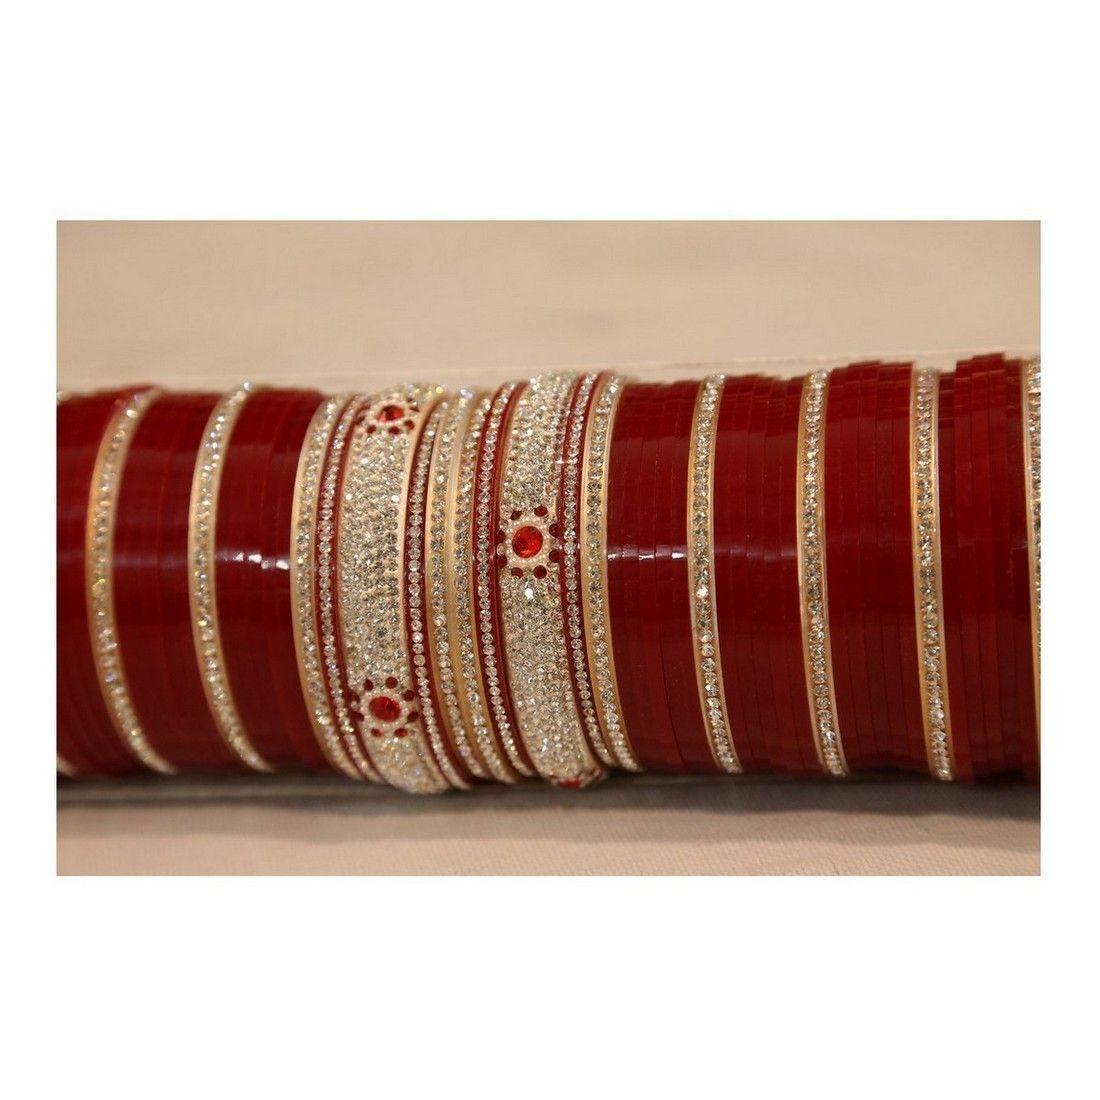 punjabi bridal chura bangles with 4 kadas price 3 400inr